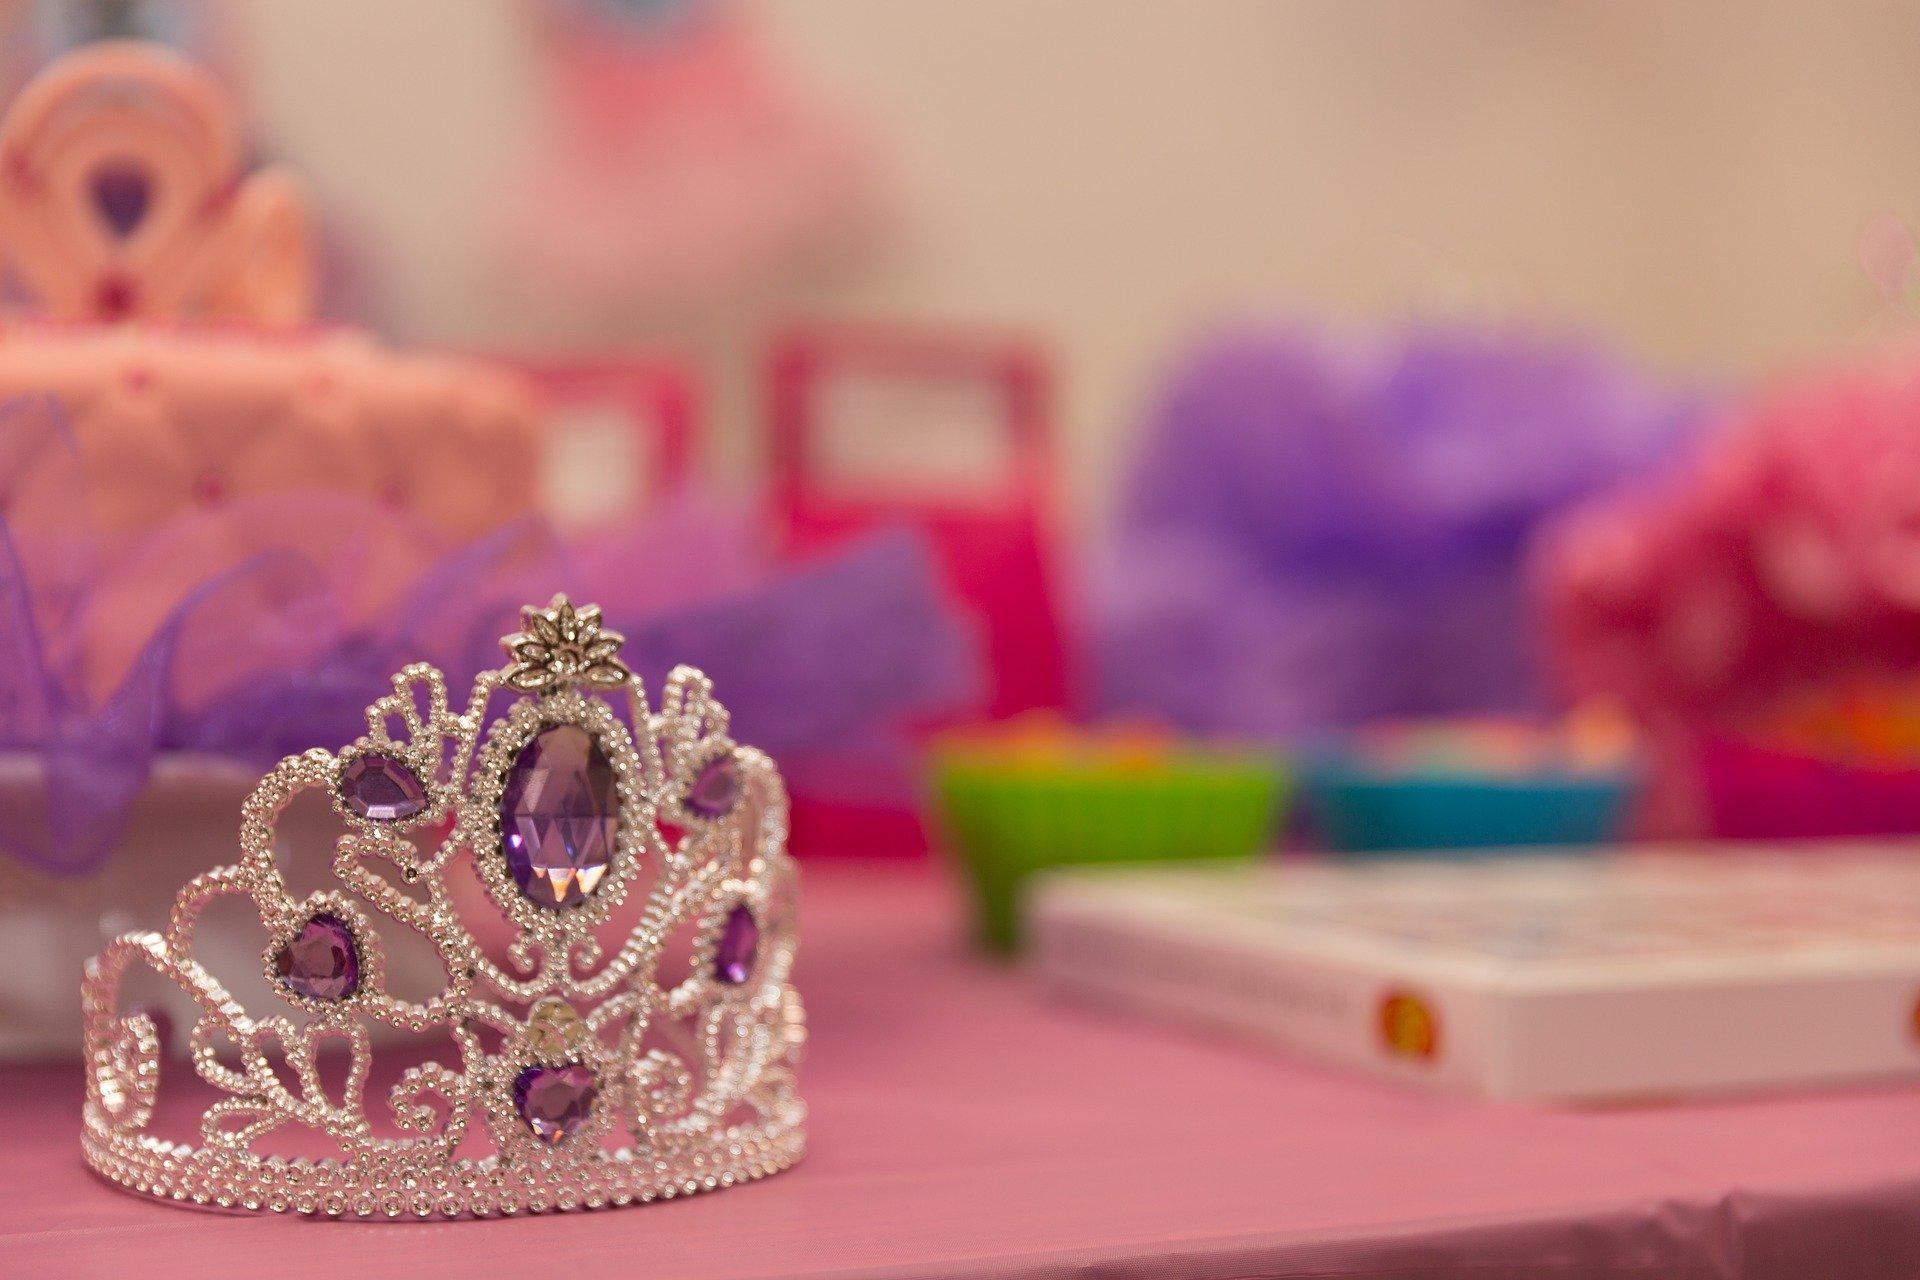 Le mépris des princesses